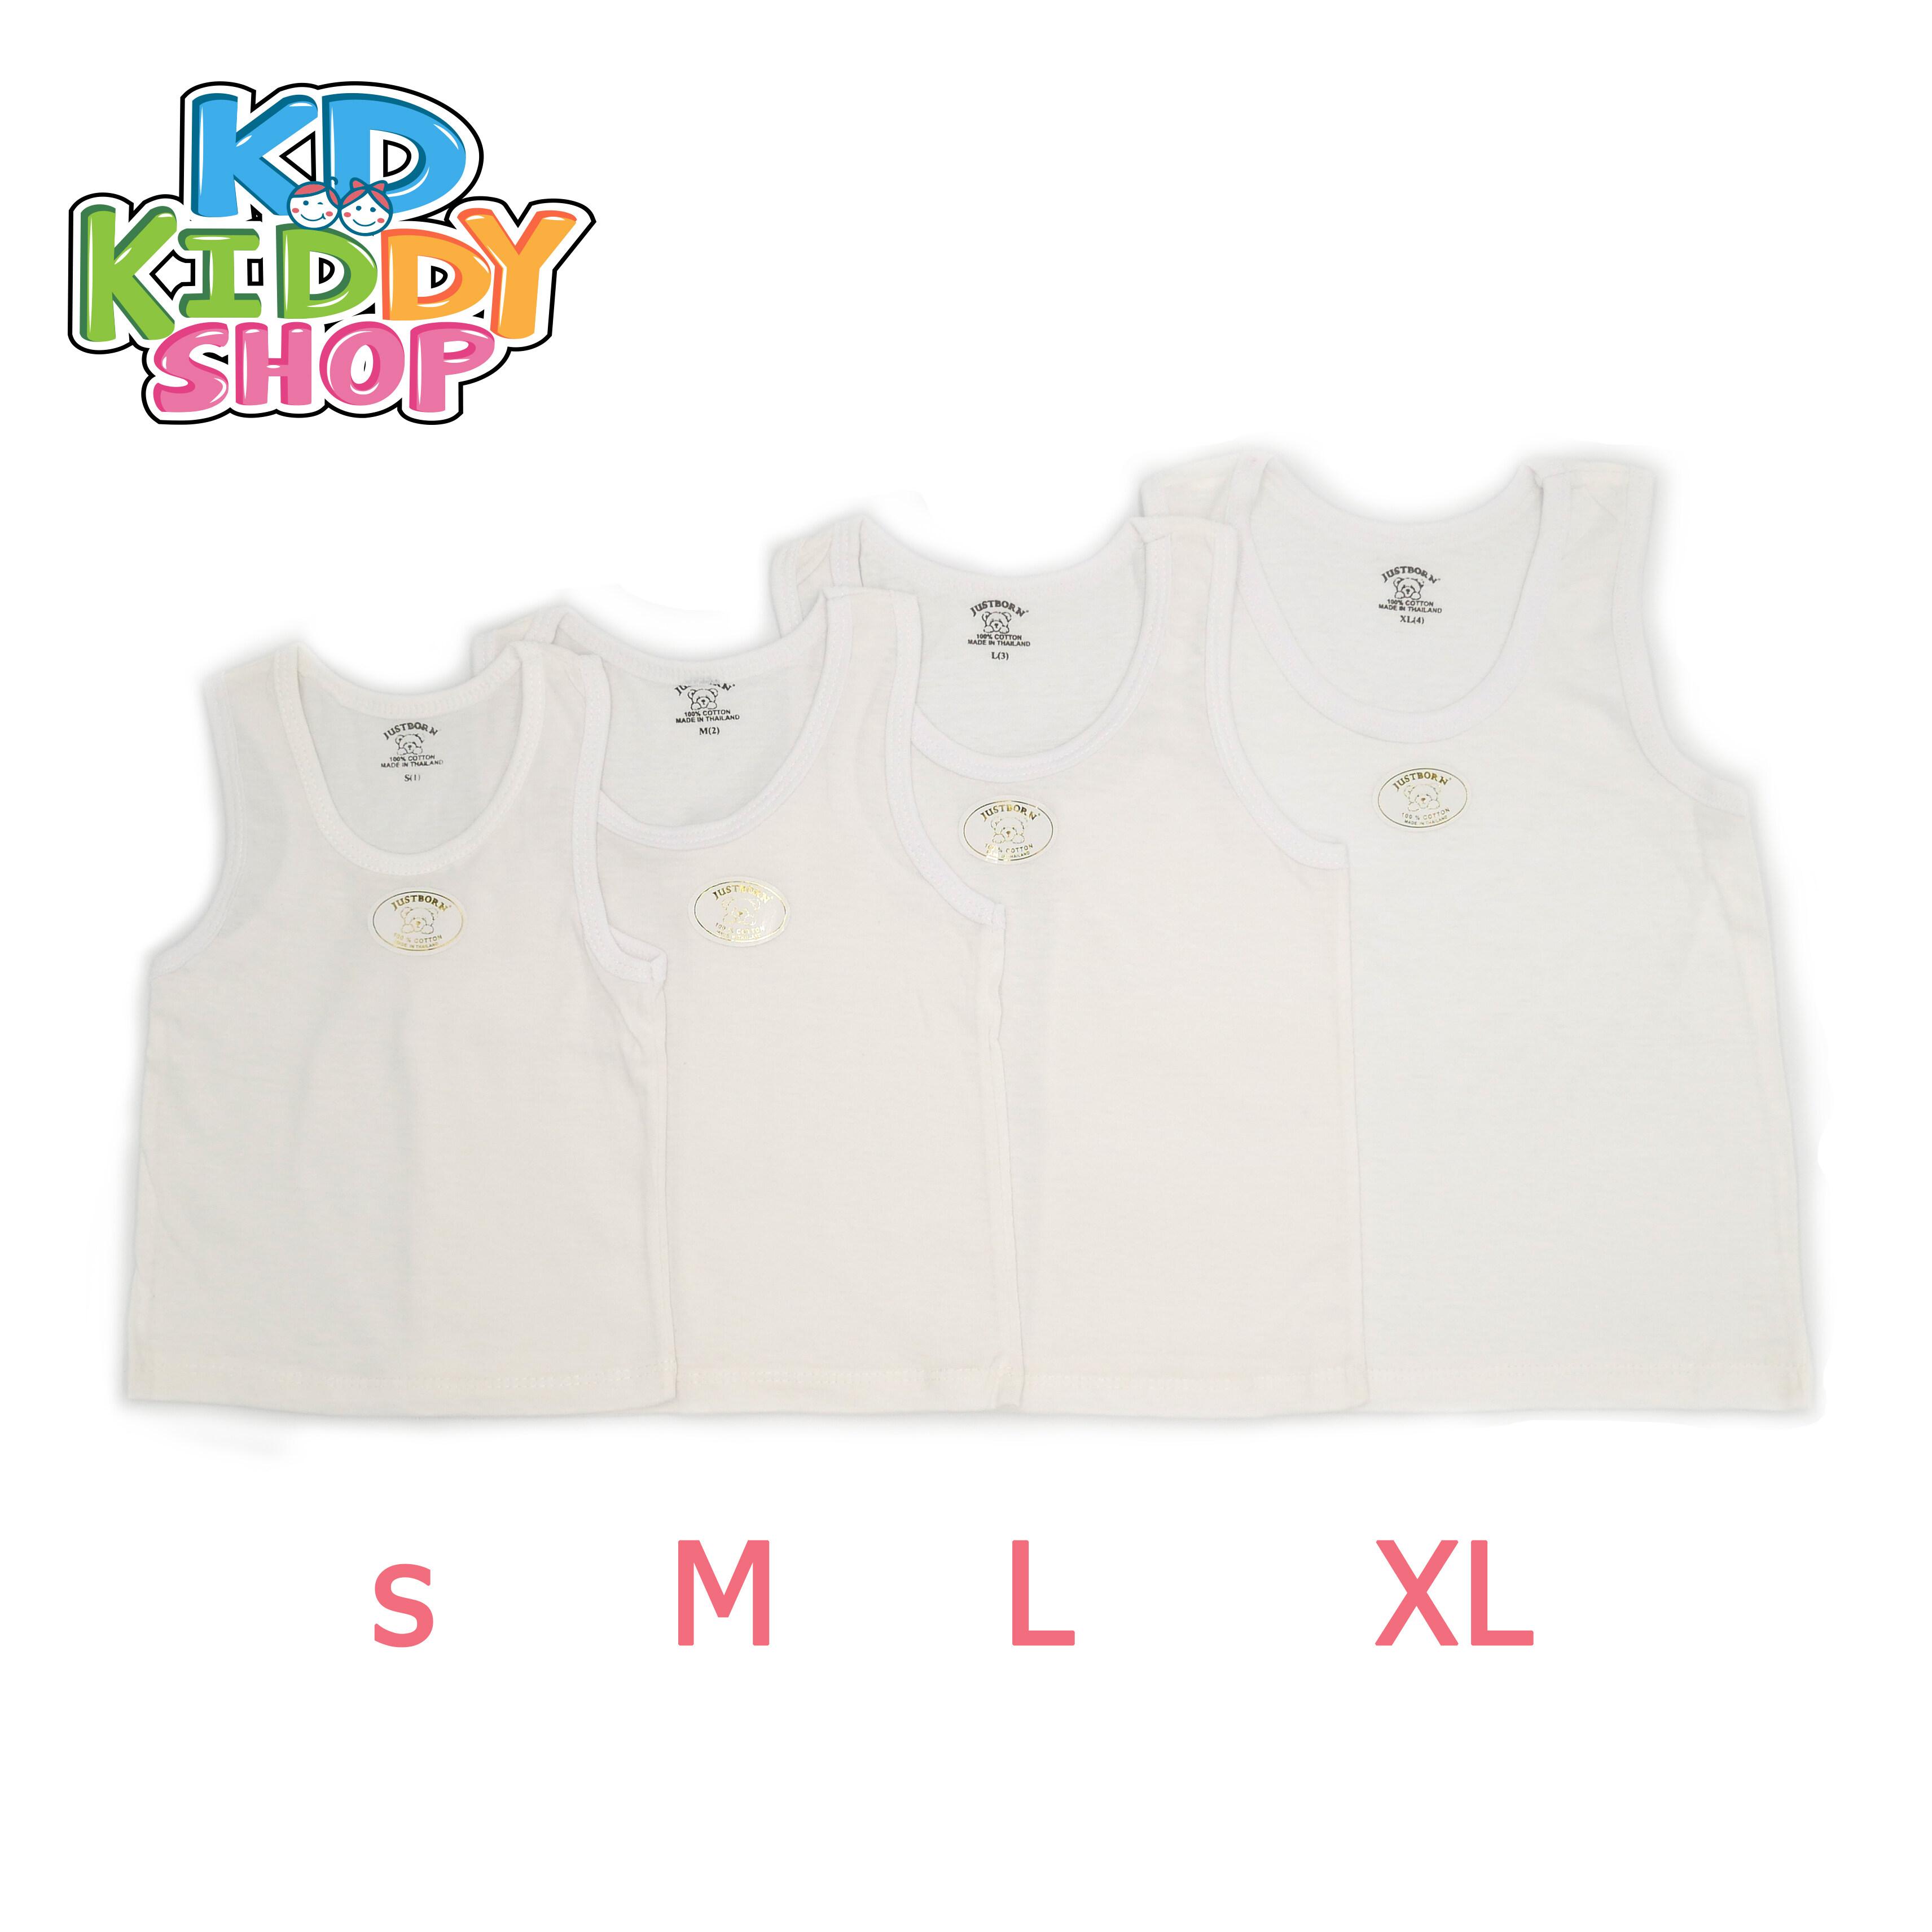 เสื้อกล้ามเด็กสีขาว Justborn ผ้า Cotton 100% Made In Thailand พร้อมส่ง.